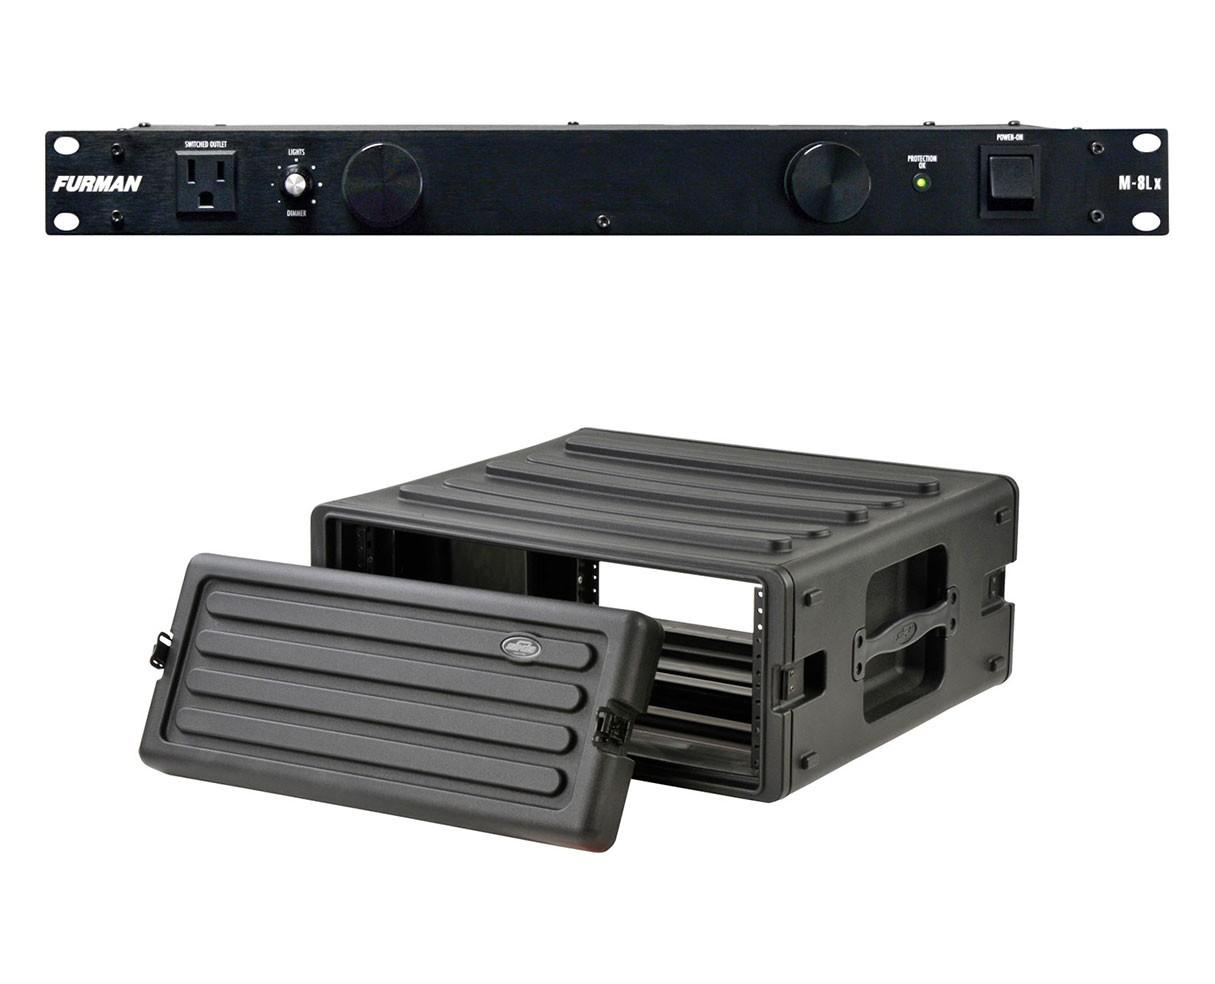 Furman M-8Lx + SKB 1SKB-R4U